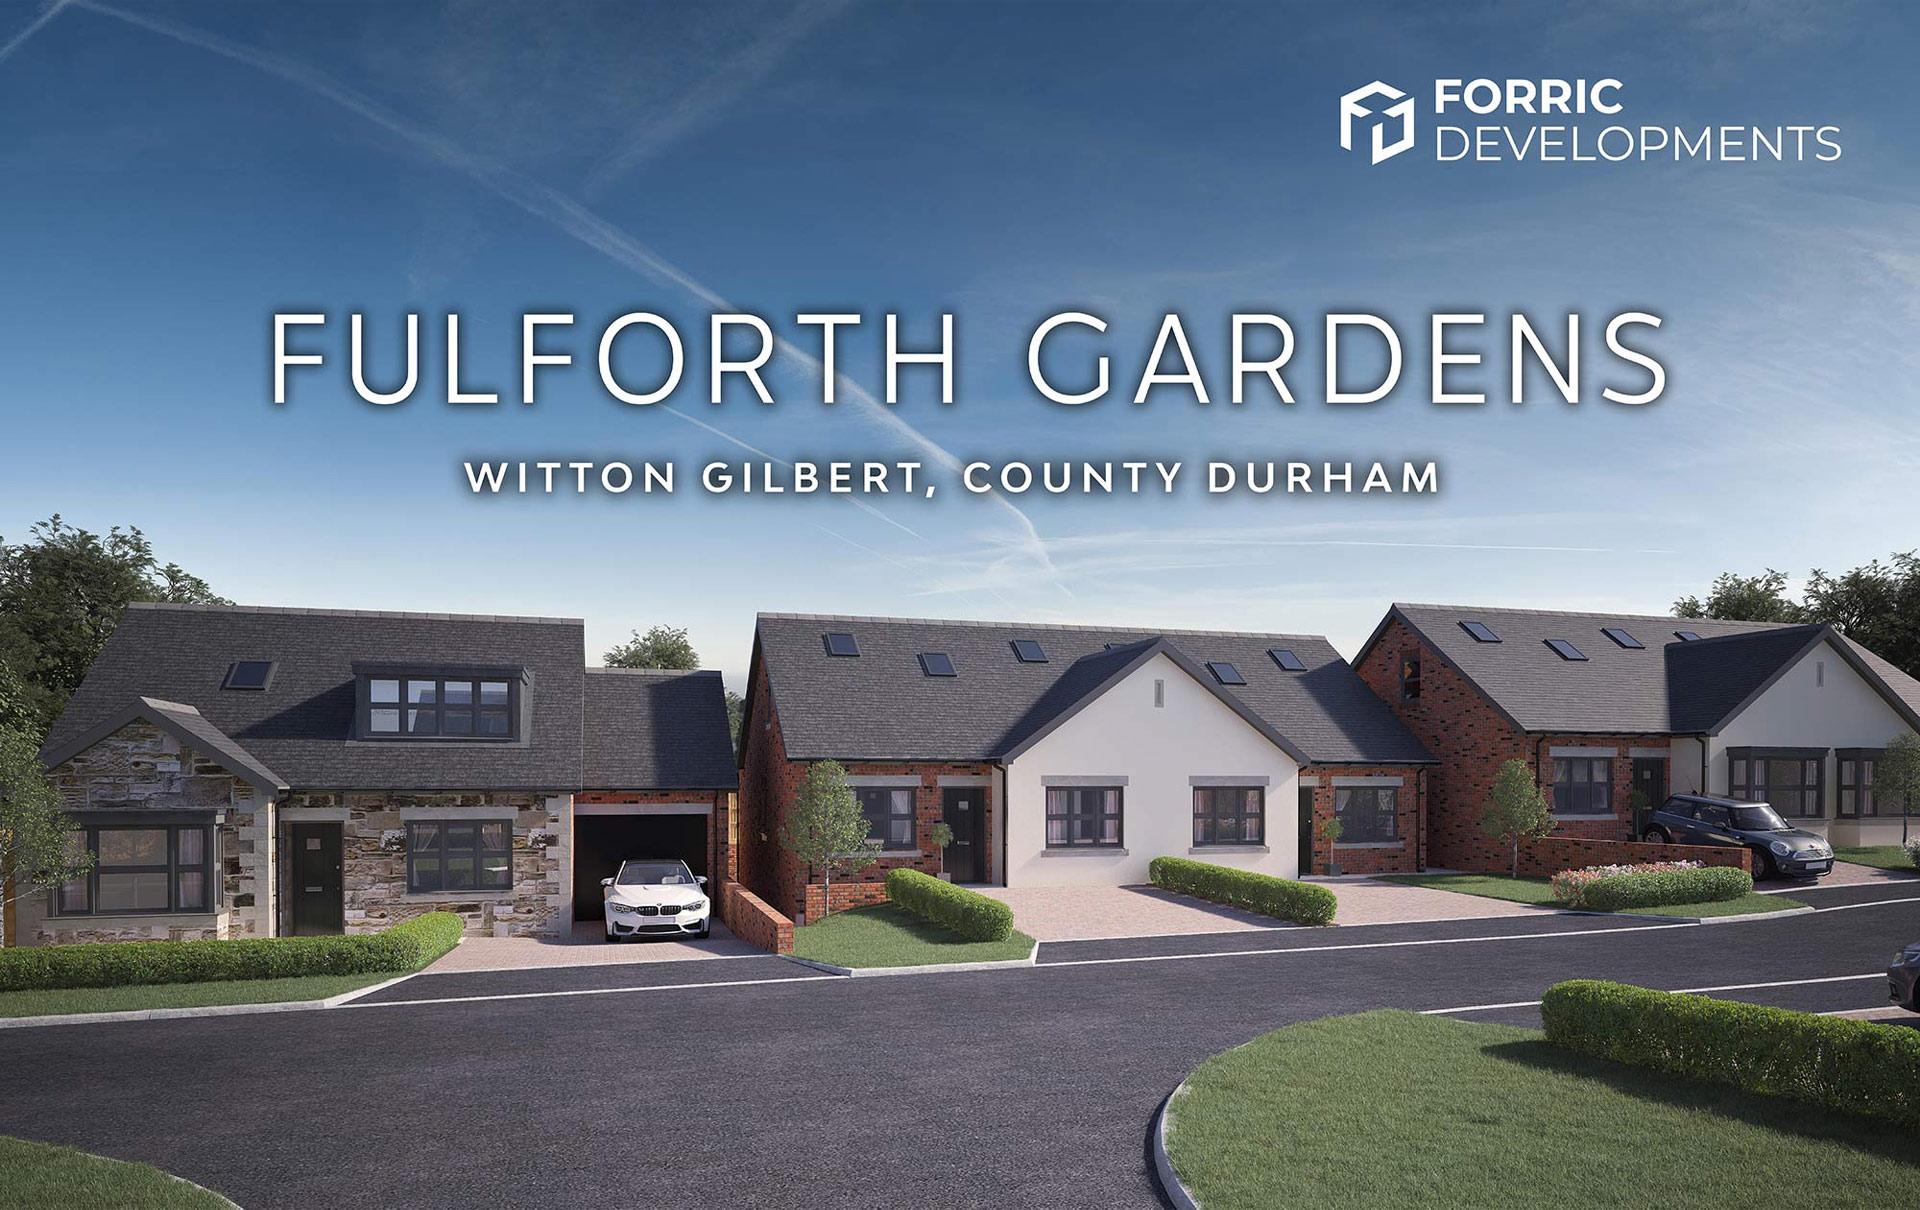 Fulforth Gardens